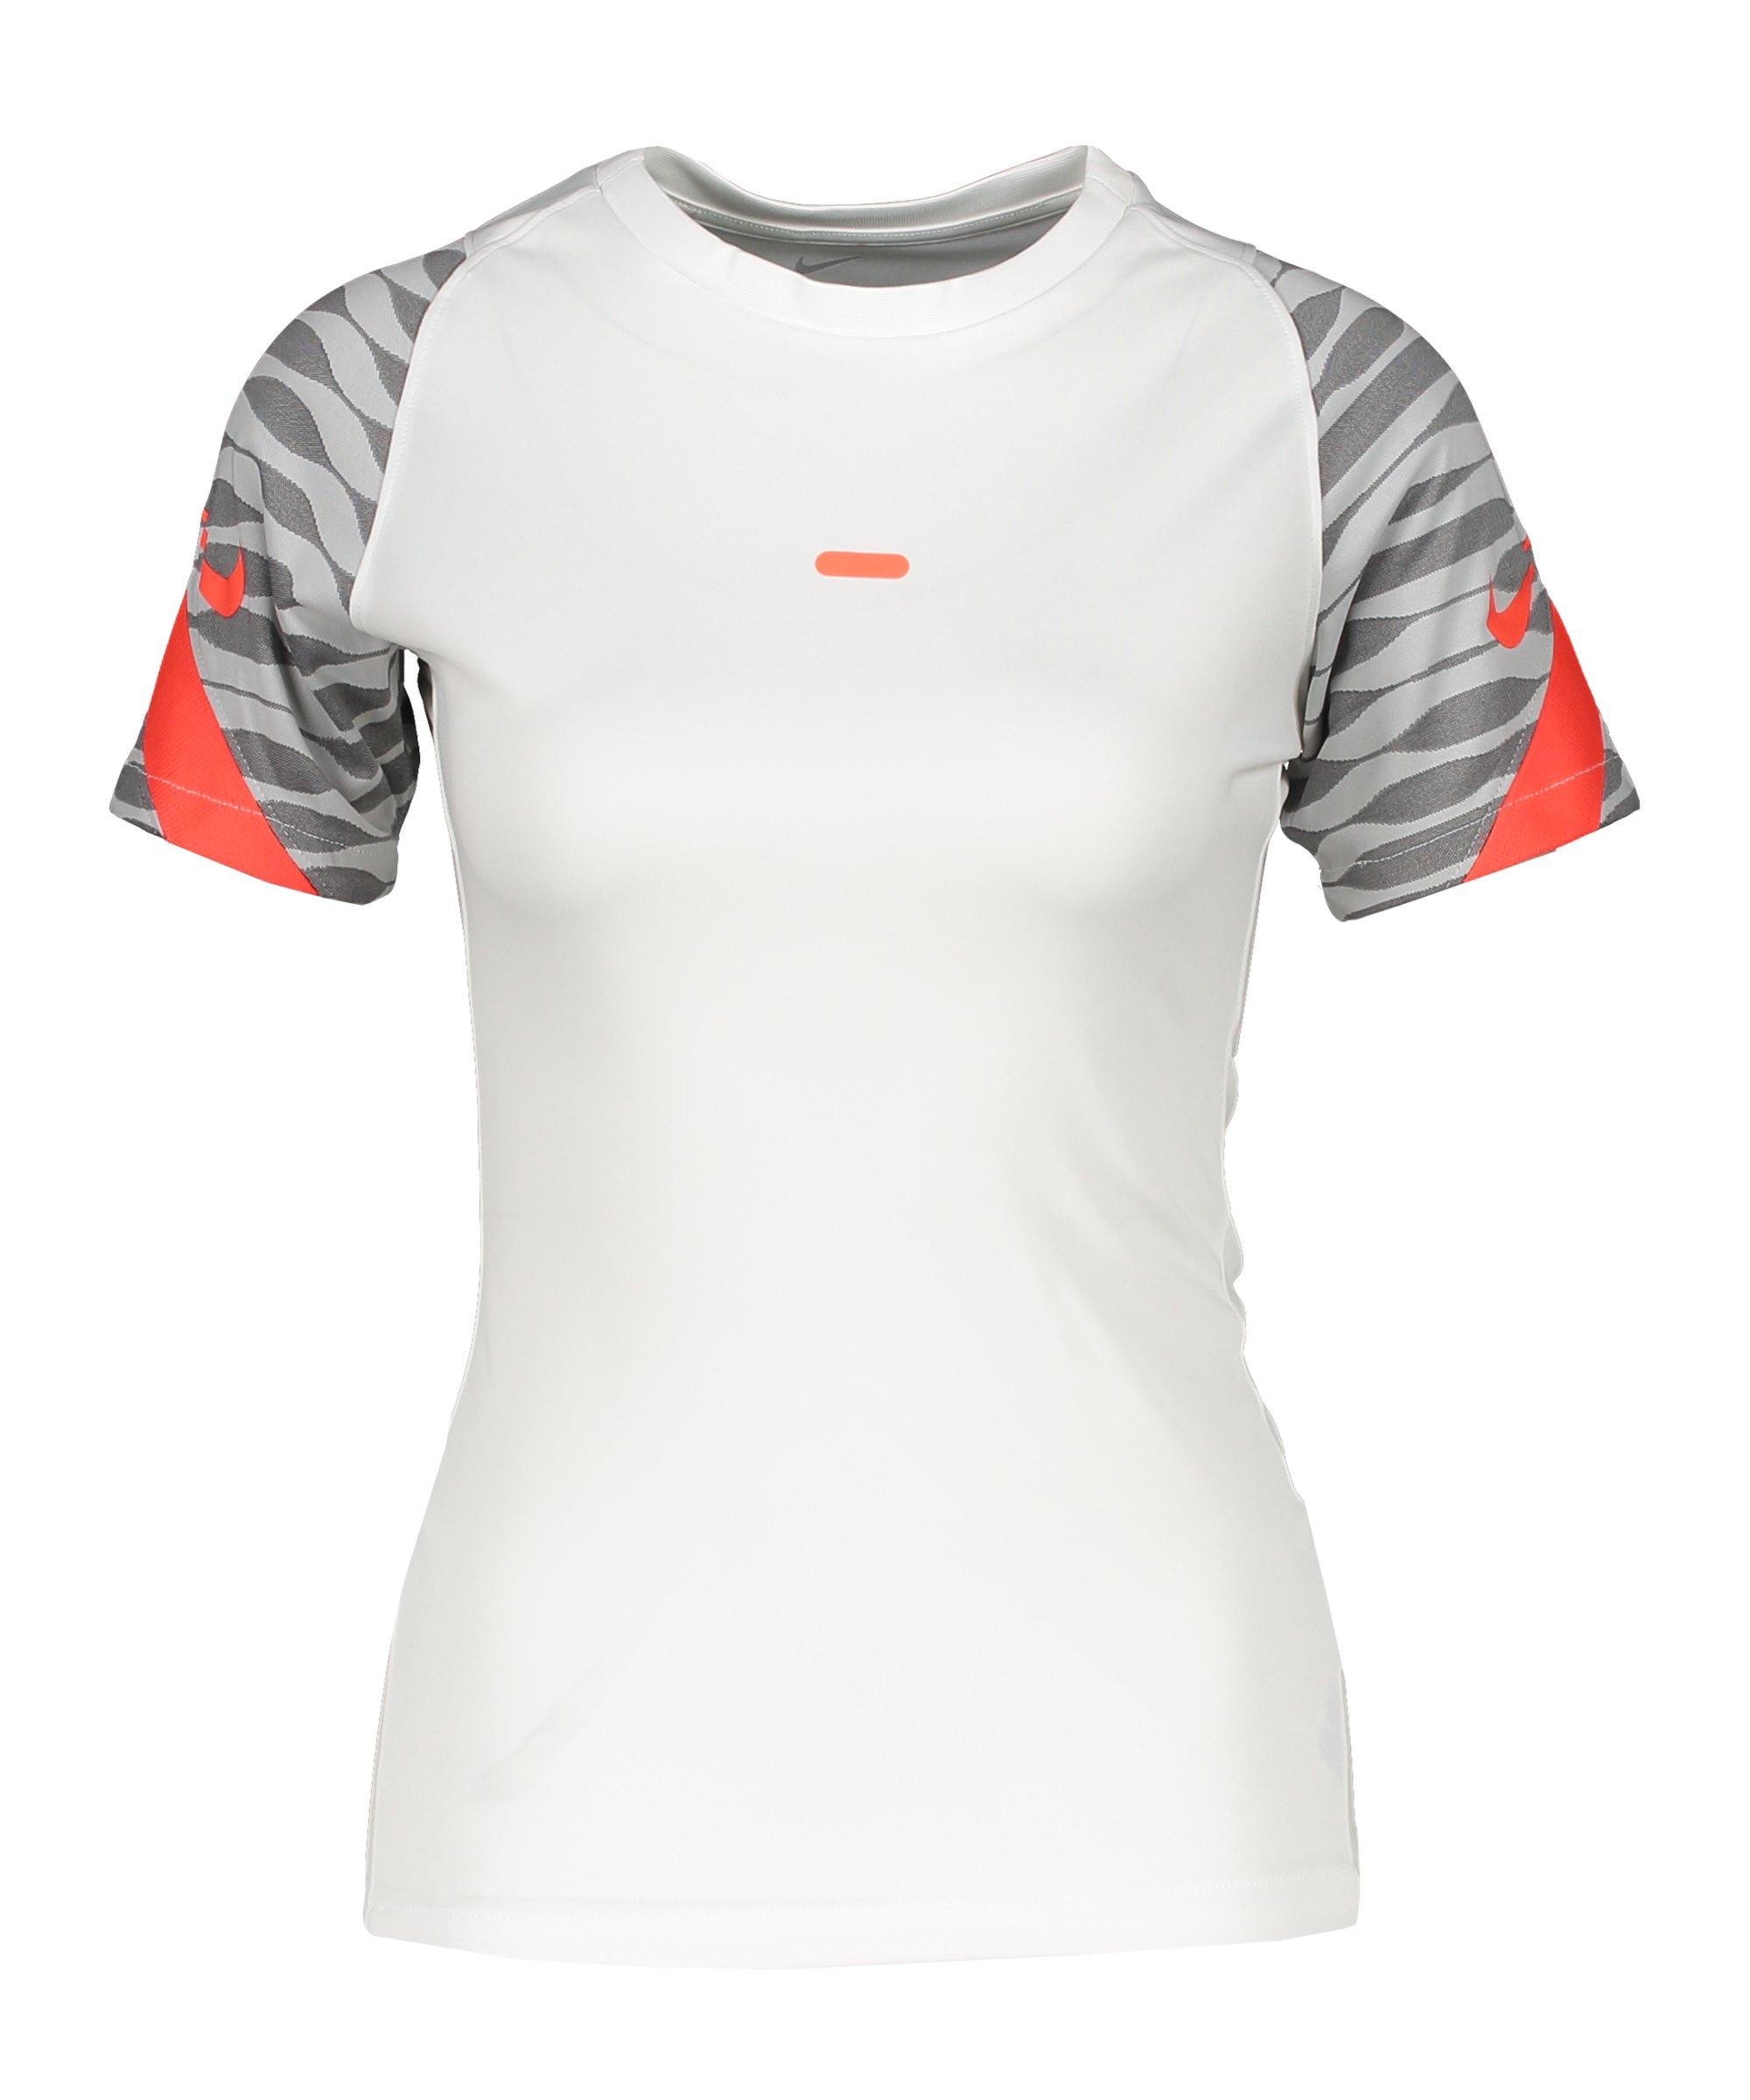 Nike Strike 21 T-Shirt Damen Weiss F101 - weiss